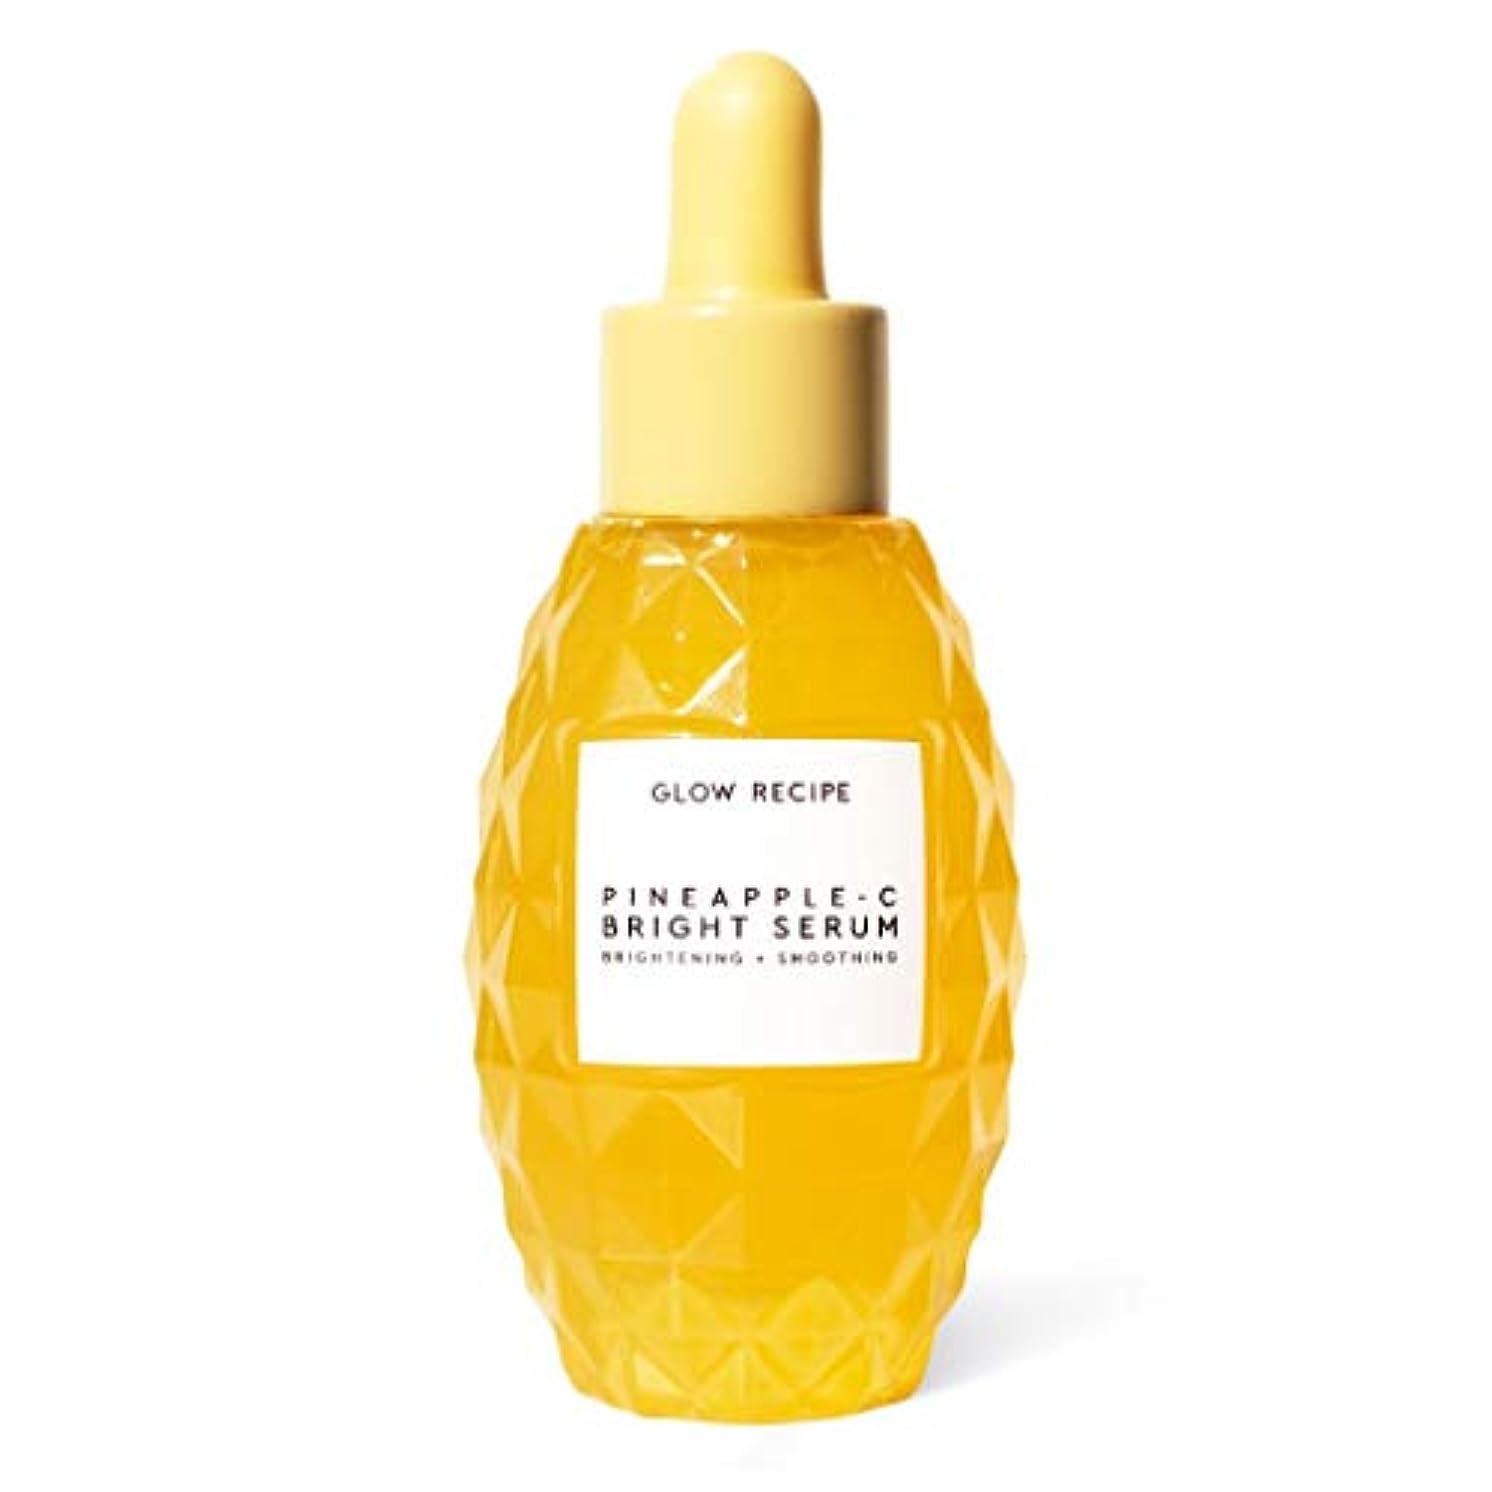 ベッツィトロットウッド作動する月曜日Glow Recipe Pineapple-C Brightening Serum 1 Fl. Oz/ 30ml グロウレシピ パイナップル シー ブライト二ング セラム